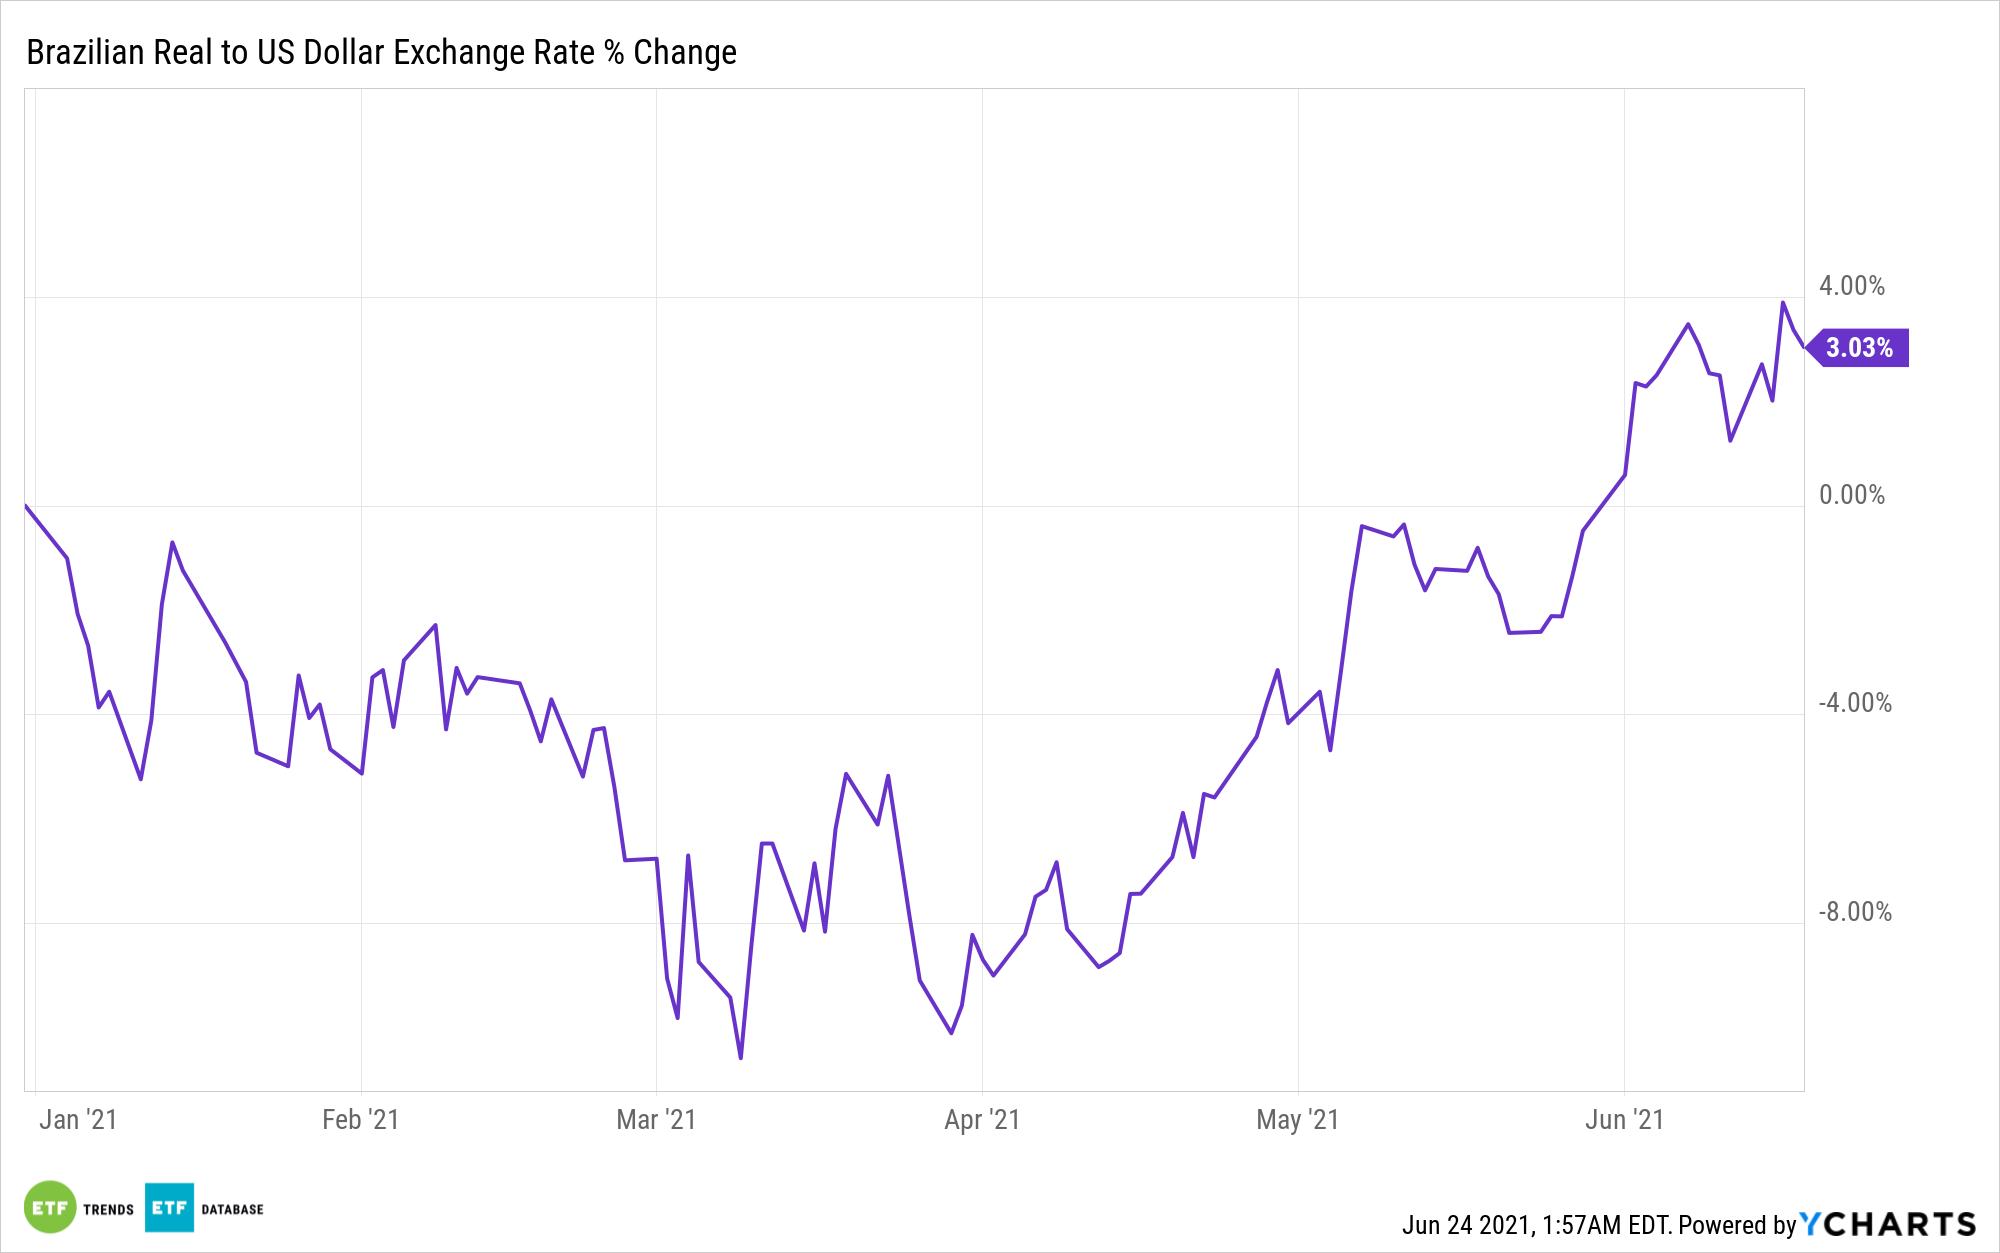 Brazilian Real to US Dollar Exchange Rate Chart